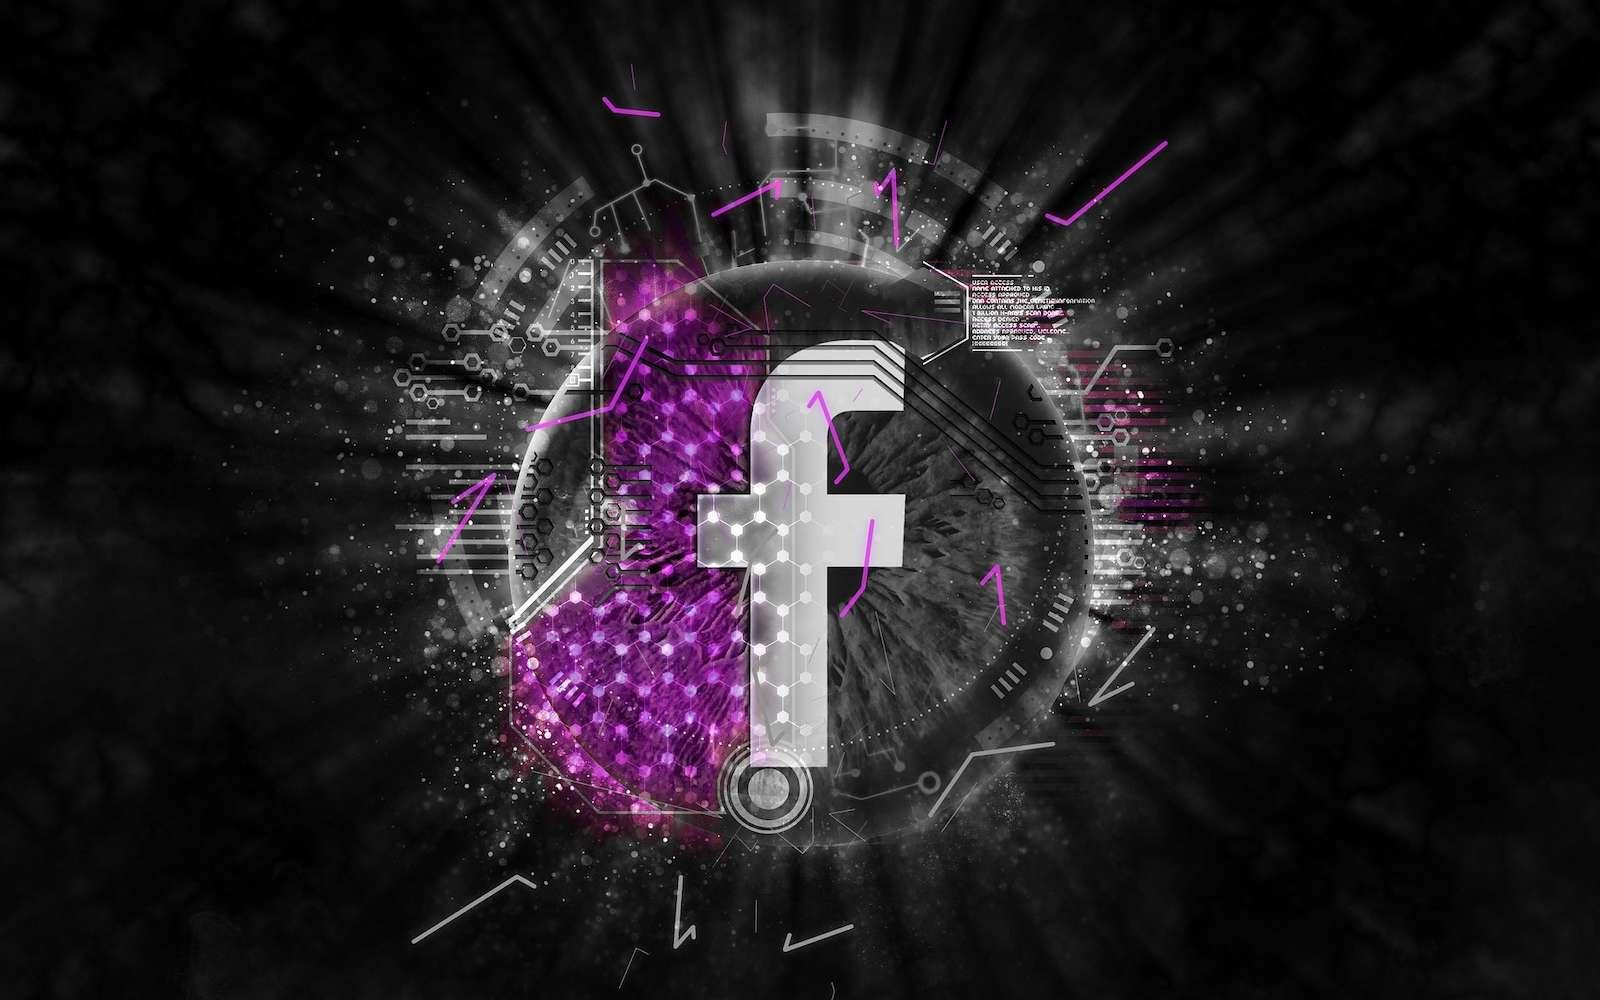 Facebook va demander l'aide de trois universités pour créer des filtres permettant de détecter des images violentes dans des montages vidéo. © Pixabay, DigitalArtist